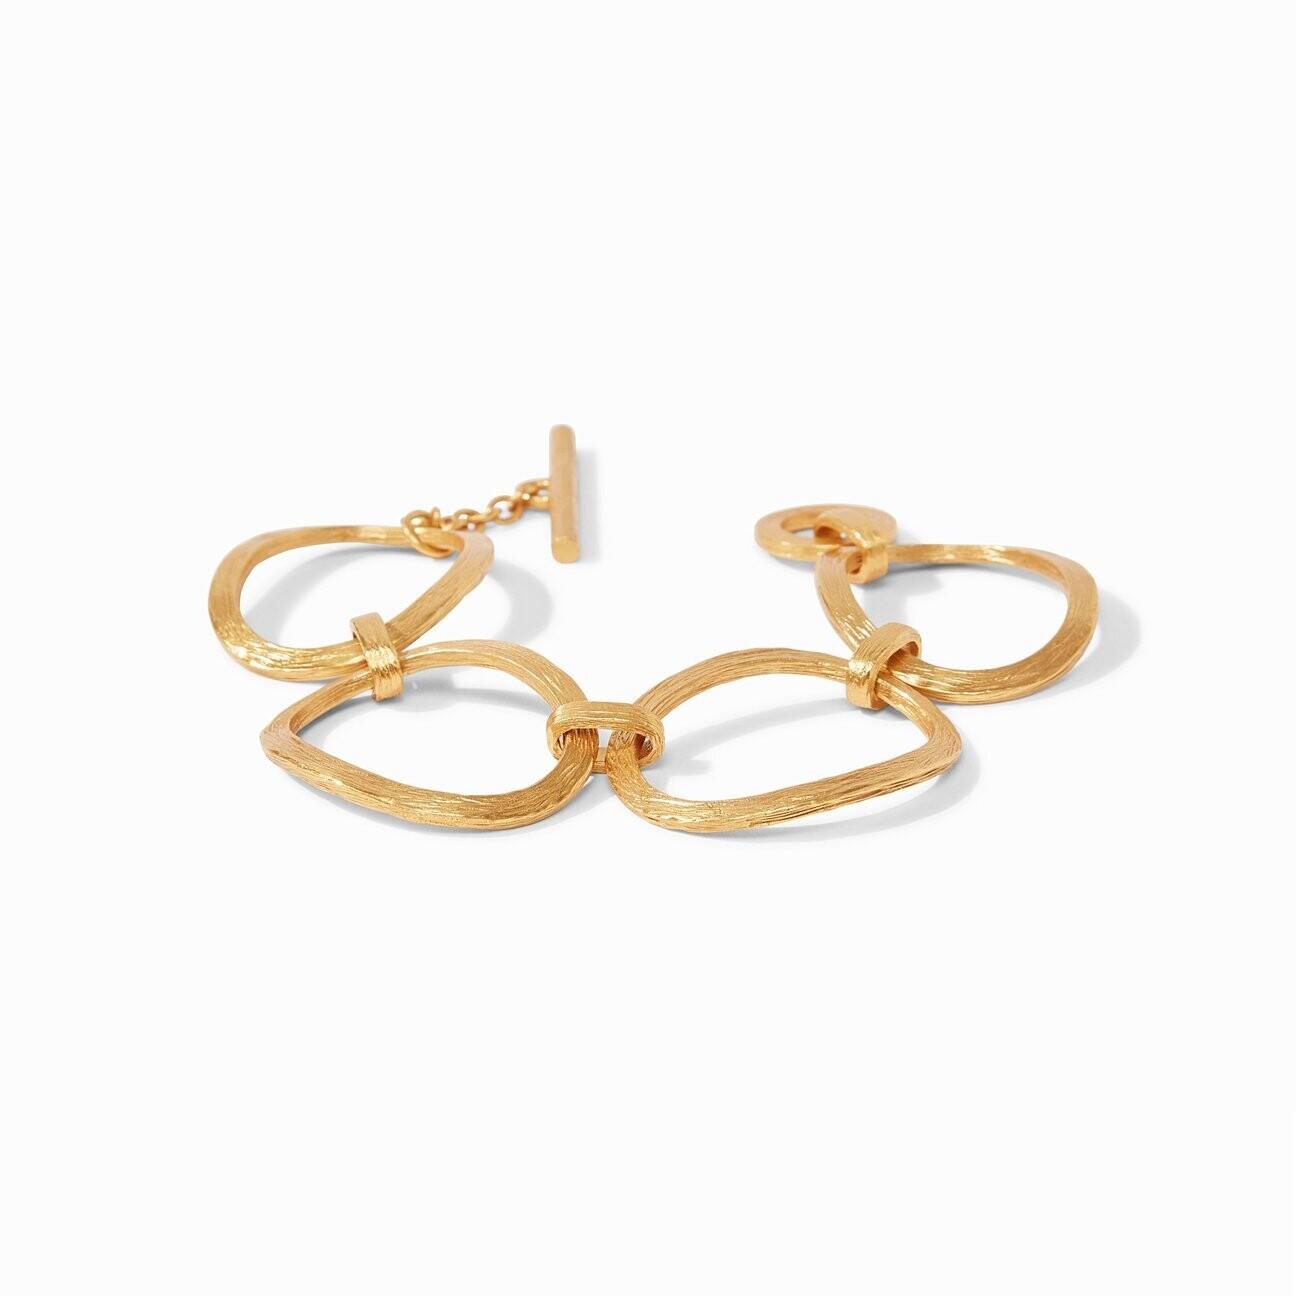 JULIE VOS Aspen Link BRACELET Gold BL142G00